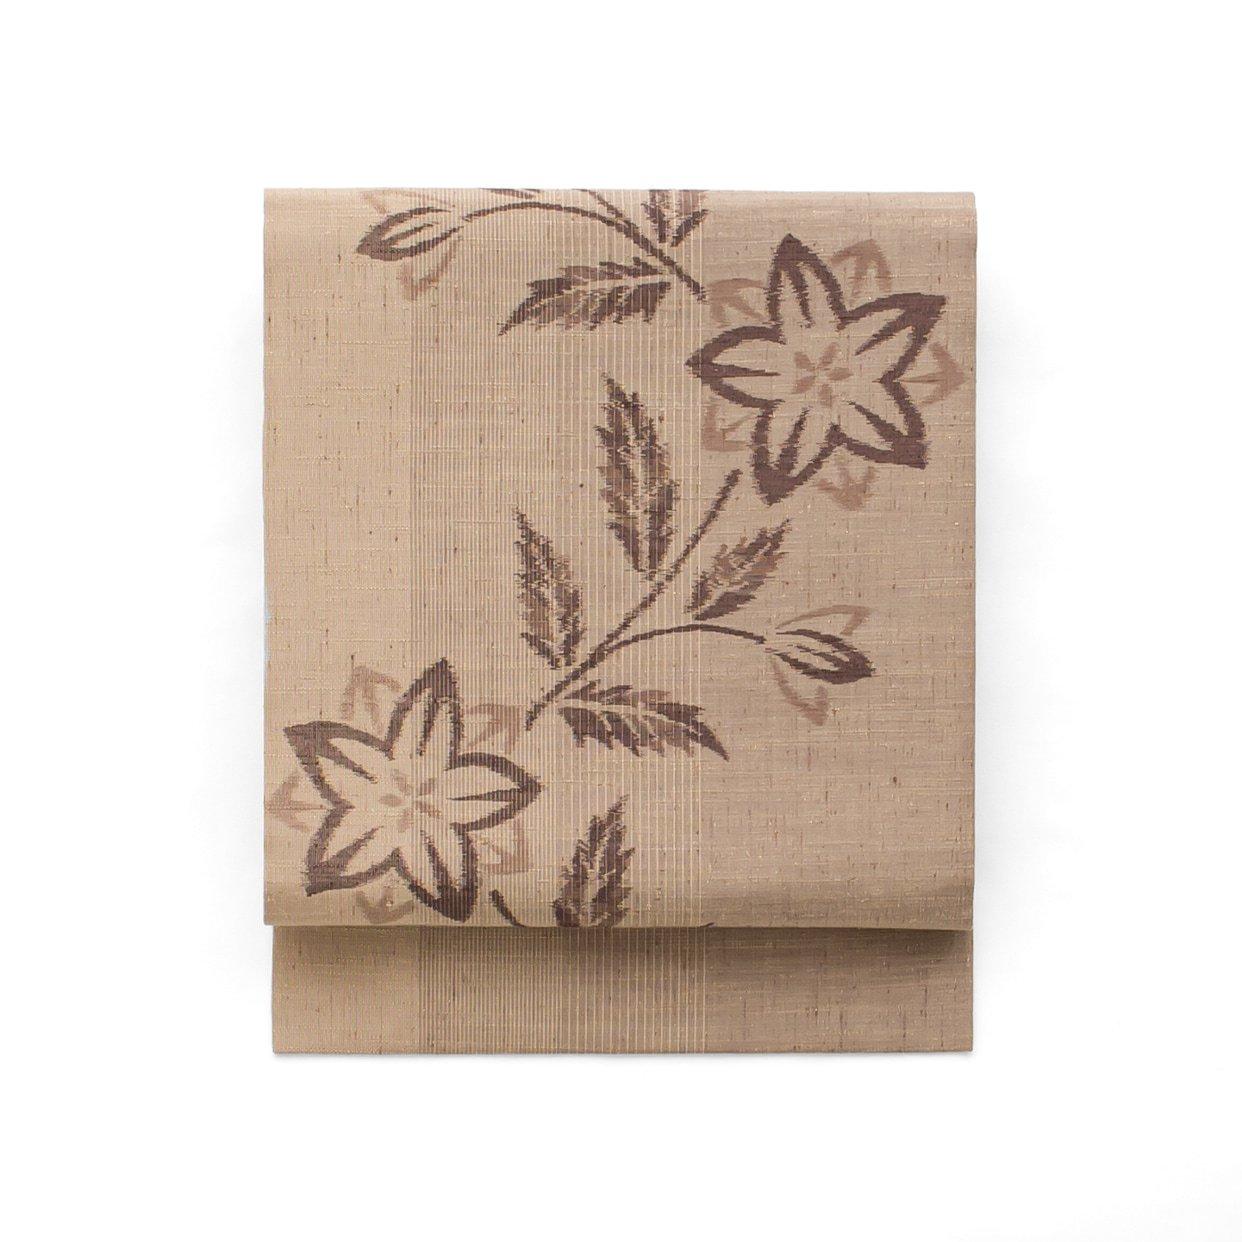 「ブラウンベージュ 星に似た花」の商品画像